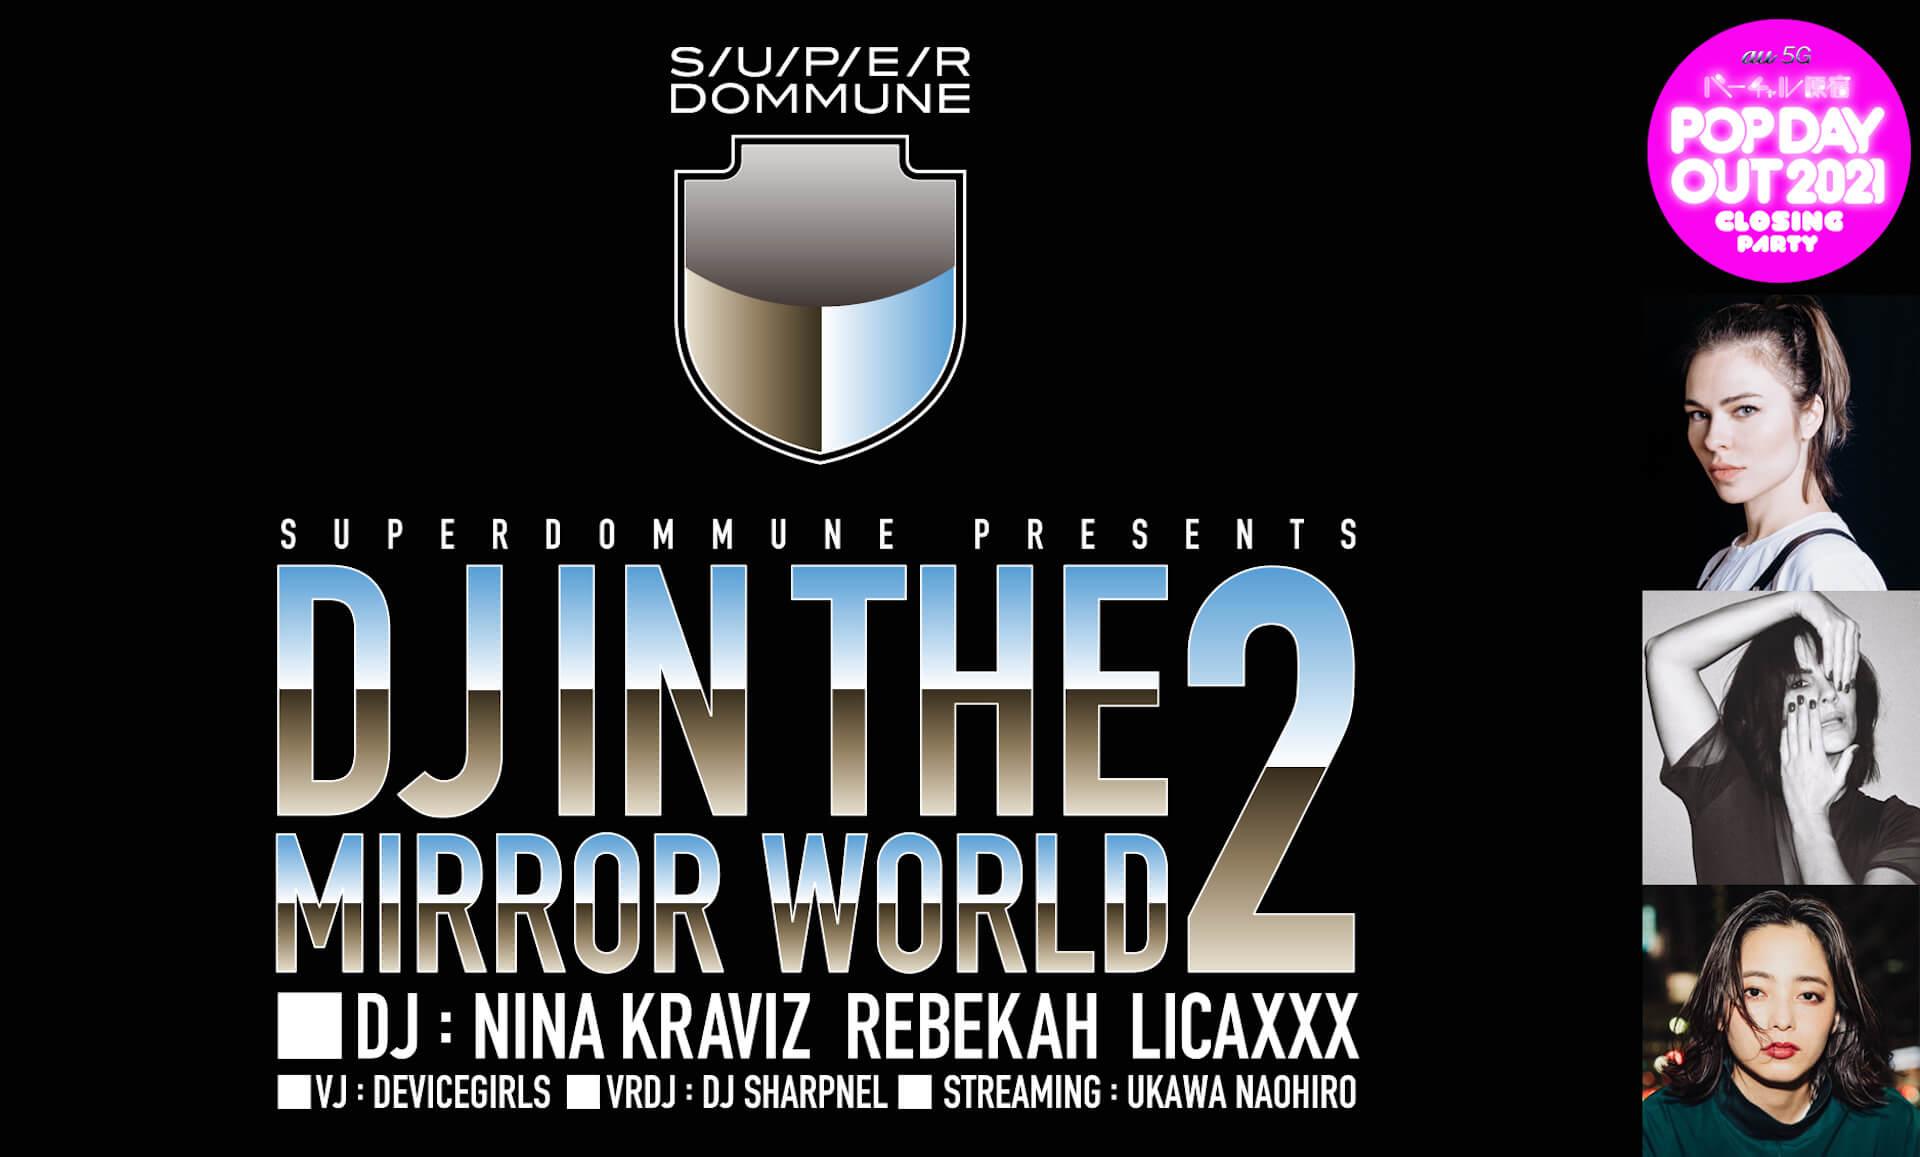 バーチャル原宿のイベント<DJ IN THE MIRROR WORLD VOL.2>にNina Kravizがアバターとなって降臨!Licaxxx、Rebekahも登場 music210526_virtualharajuku_1